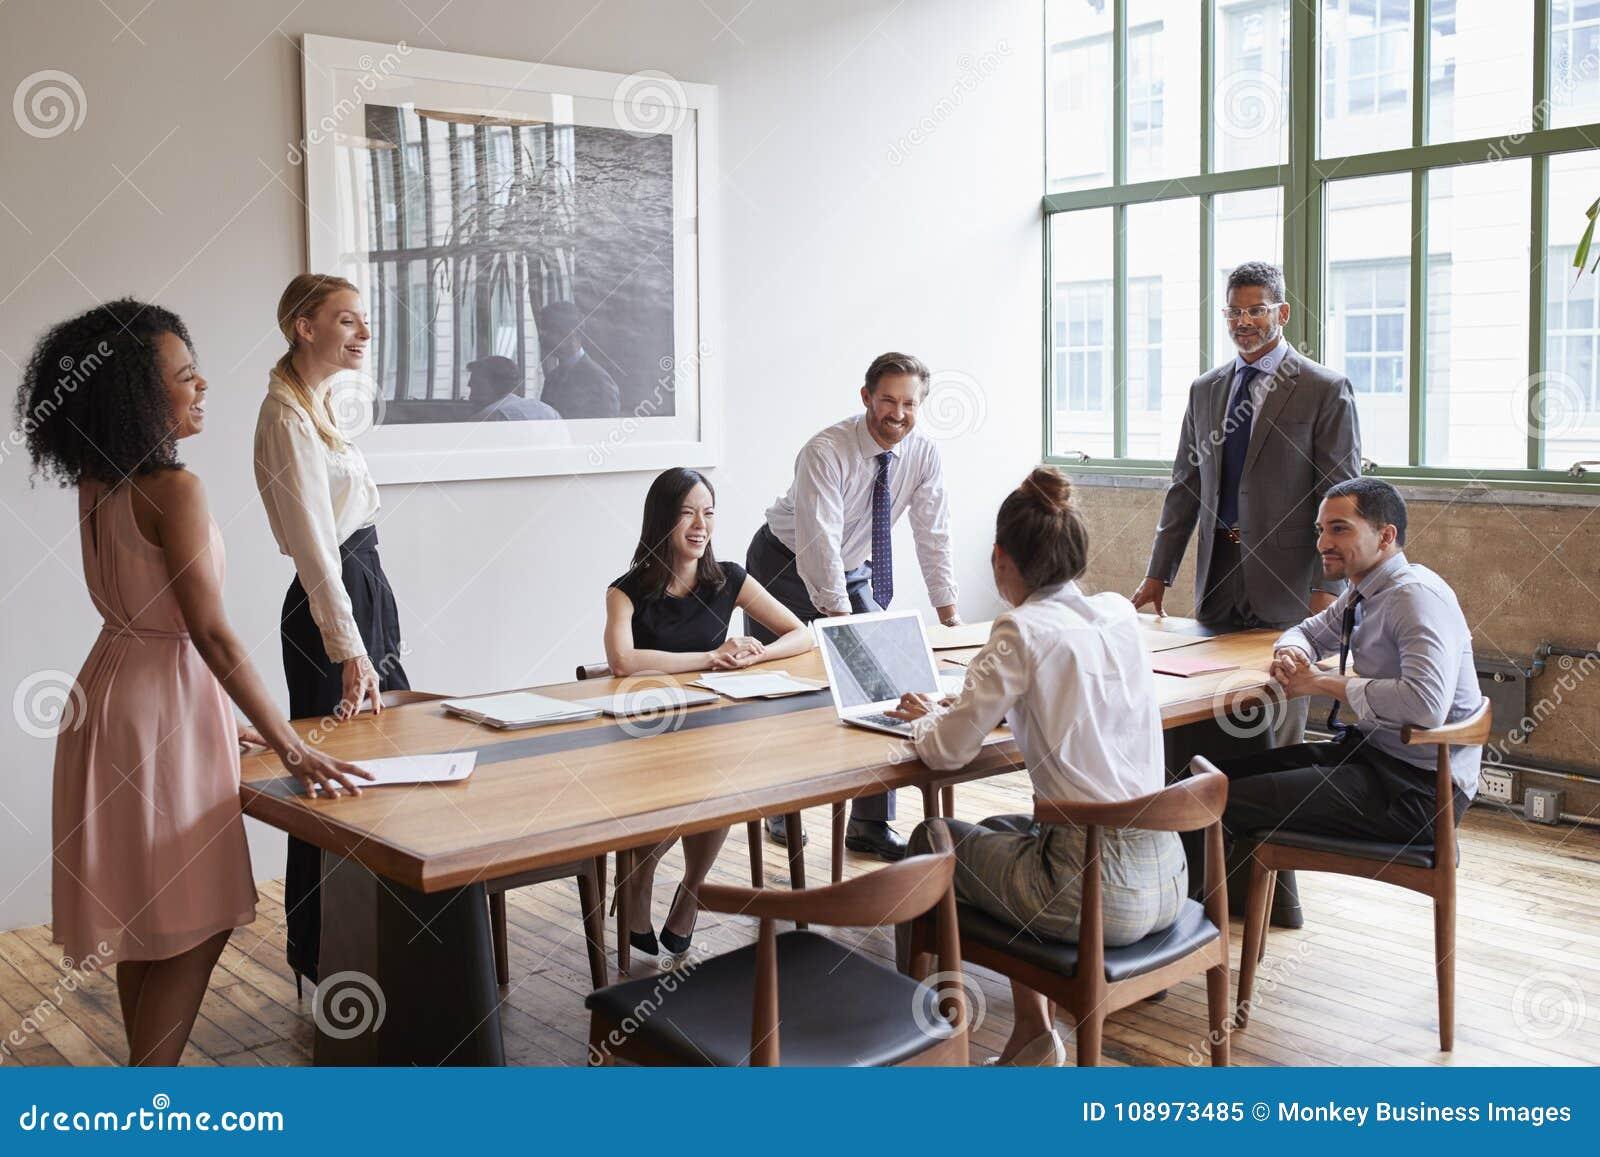 Giovani professionisti intorno ad una tavola ad una riunione d affari